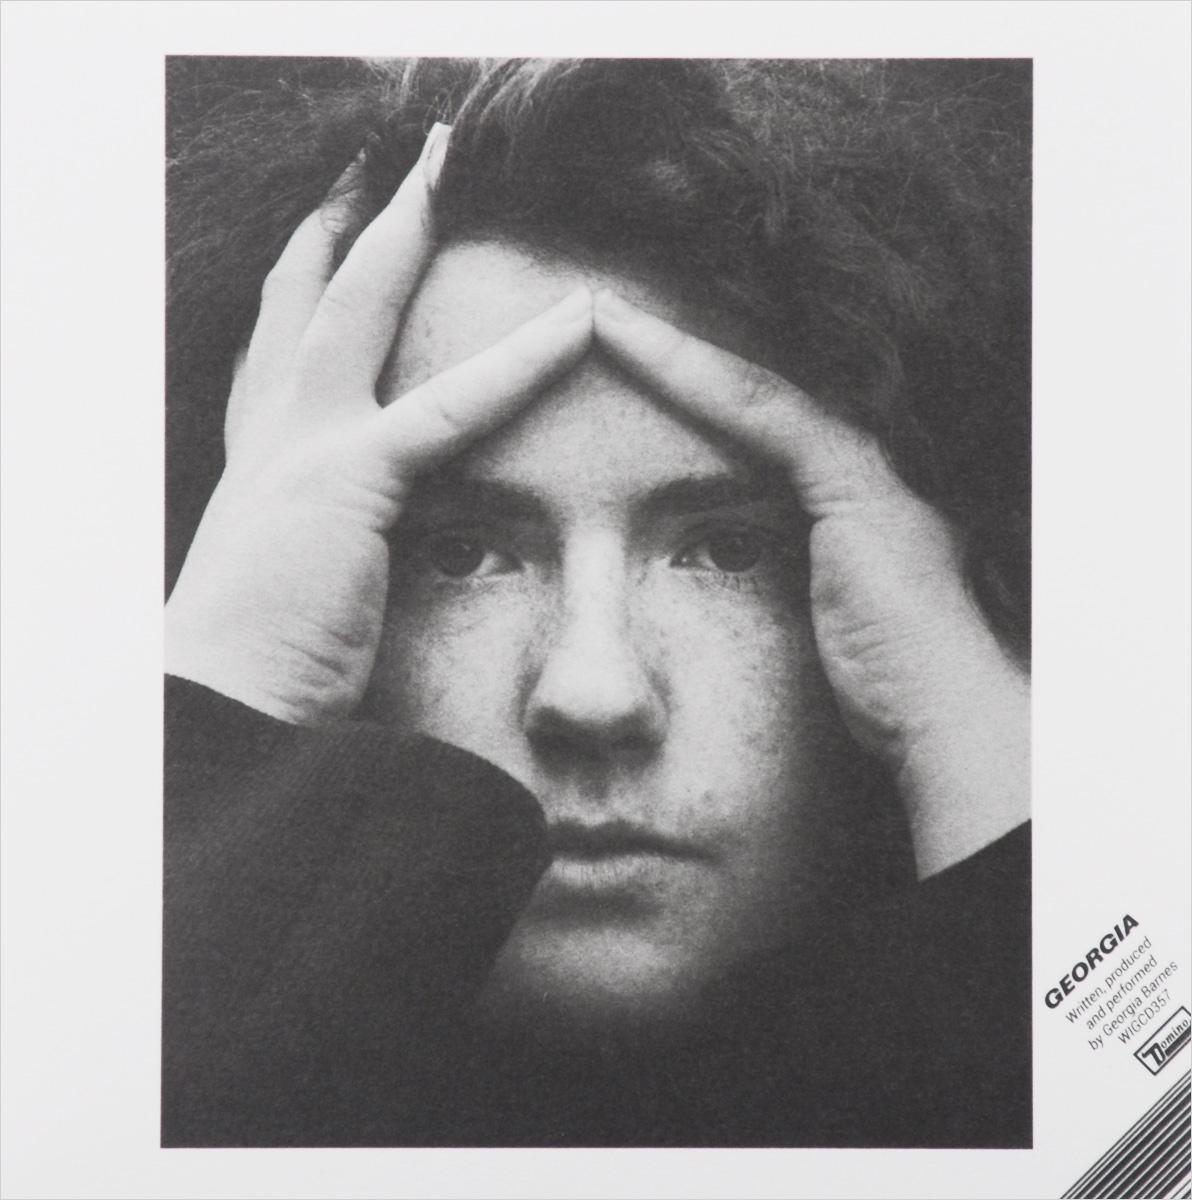 Издание содержит плакат размером 60 см x 60 см с фотографией и текстами песен на английском языке, а также секретный код для загрузки цифровой версии альбома.